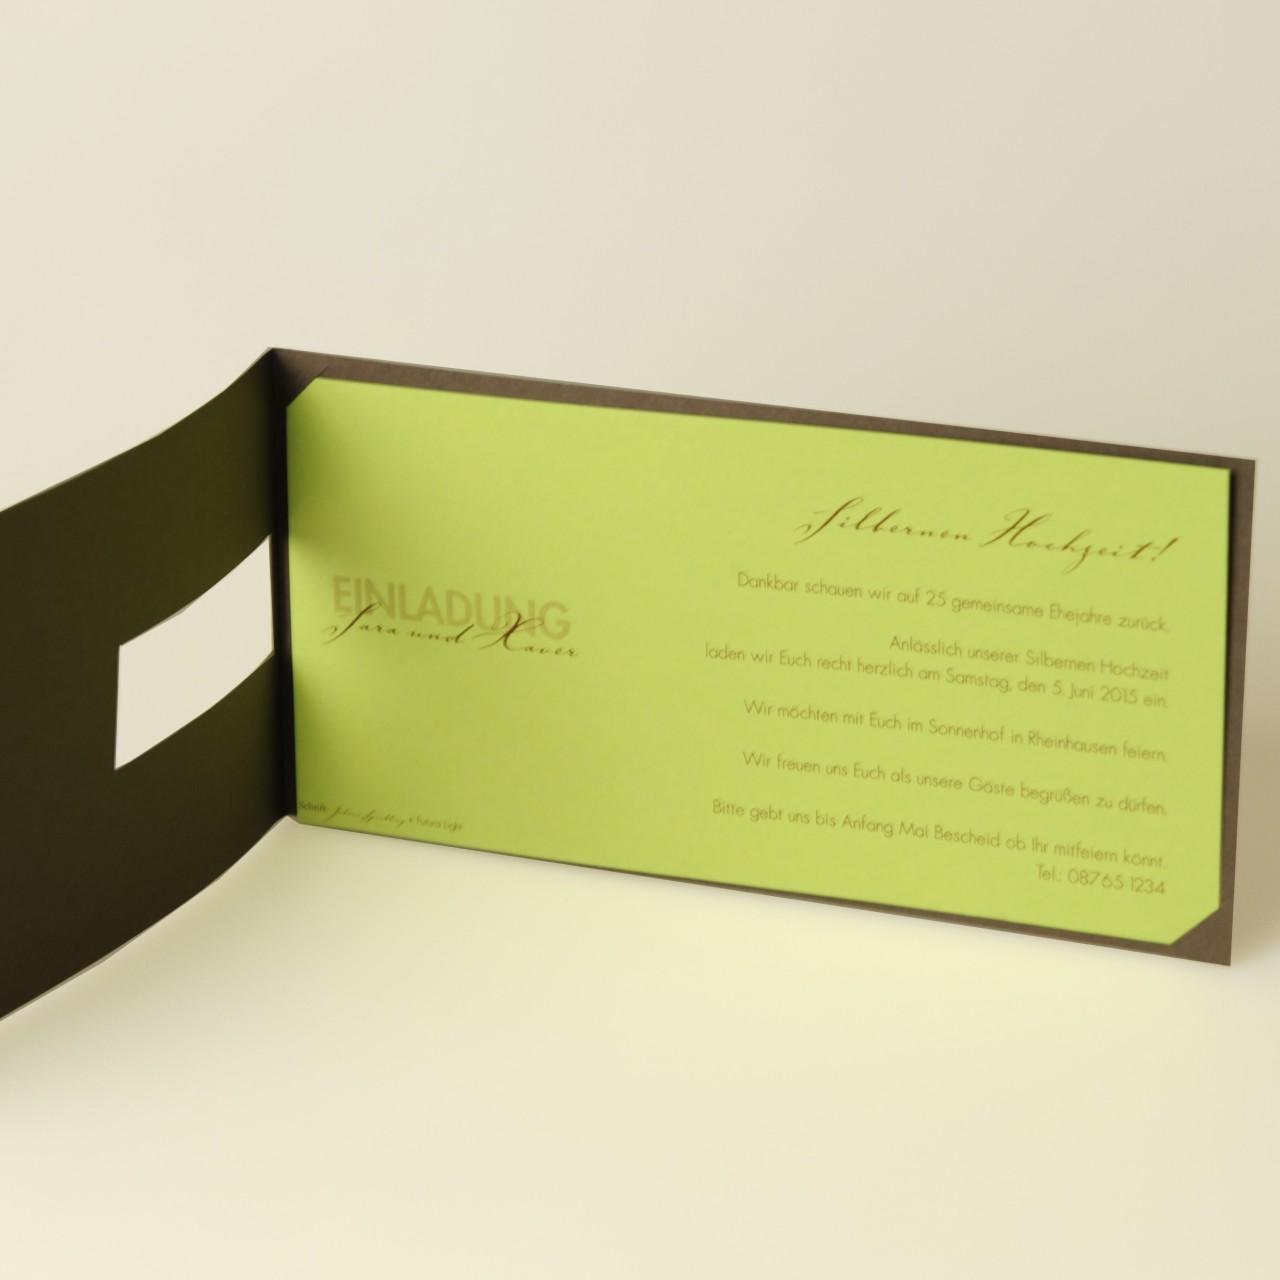 Dunkelbraune Einladungskarte mit gedruckten Blumenranken, grünem Einstecker und Kuvert grün.